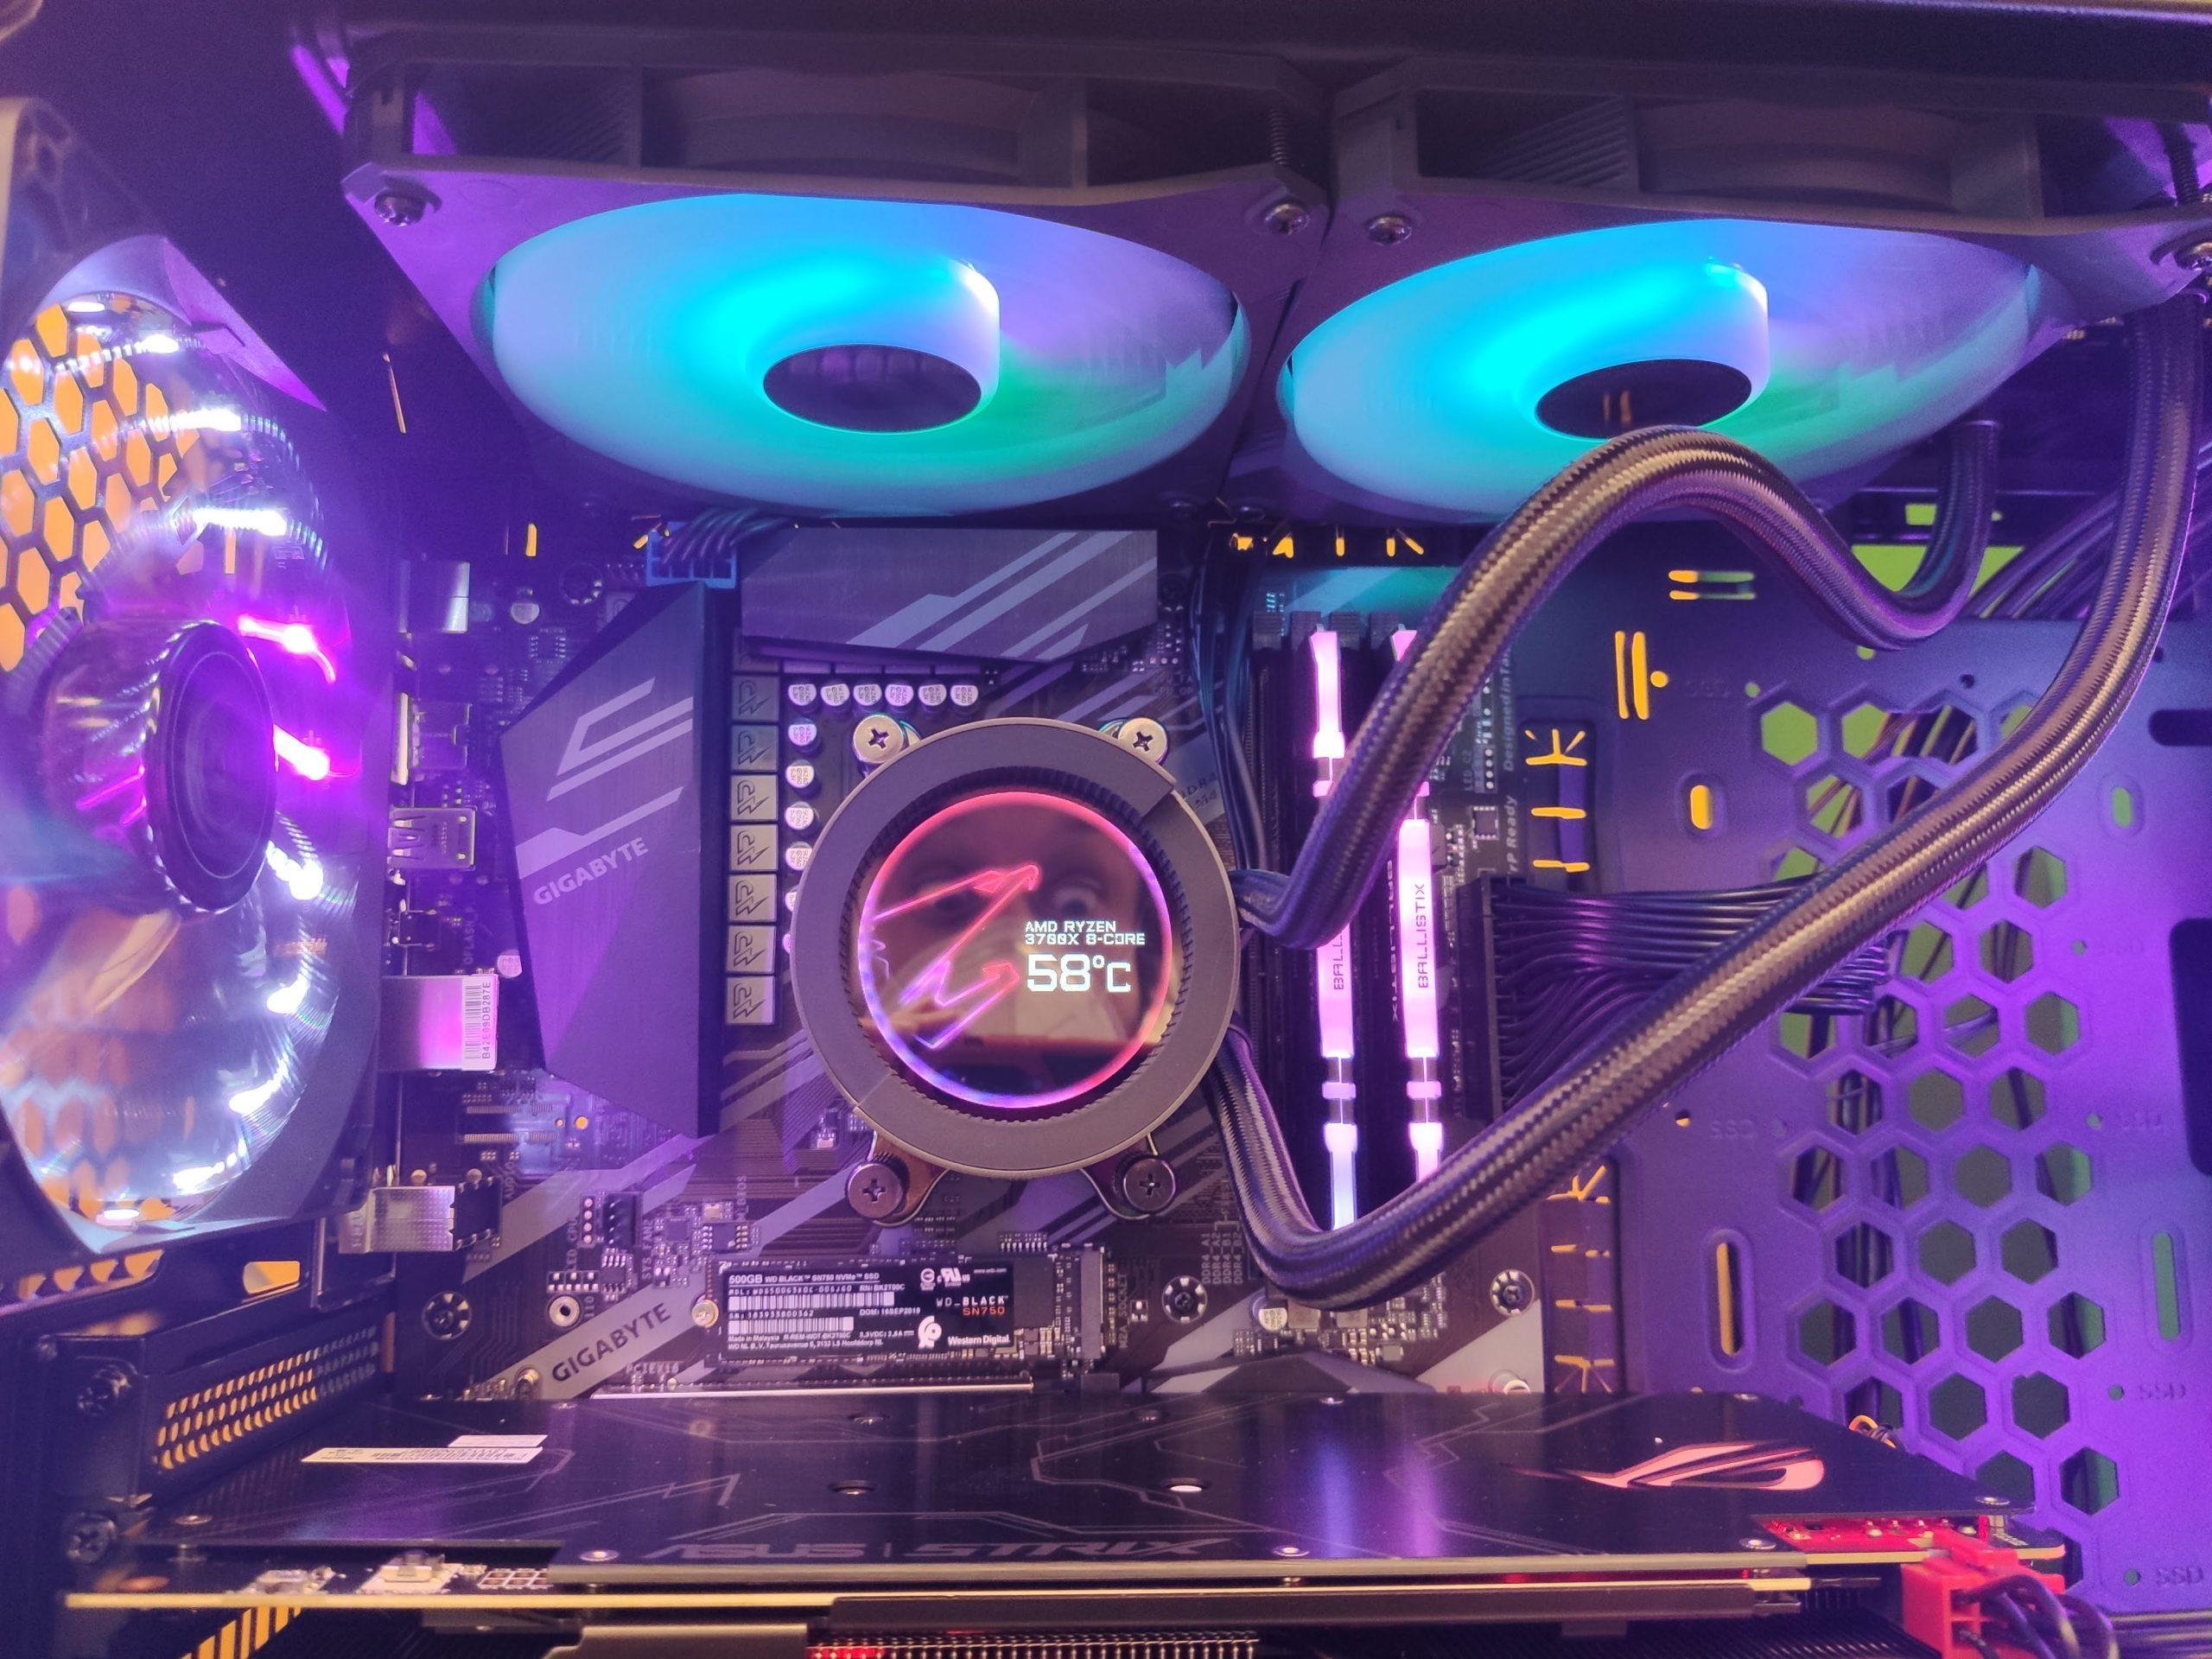 Torre AMD Ryzen 7 3700X, en PCBox Huesca